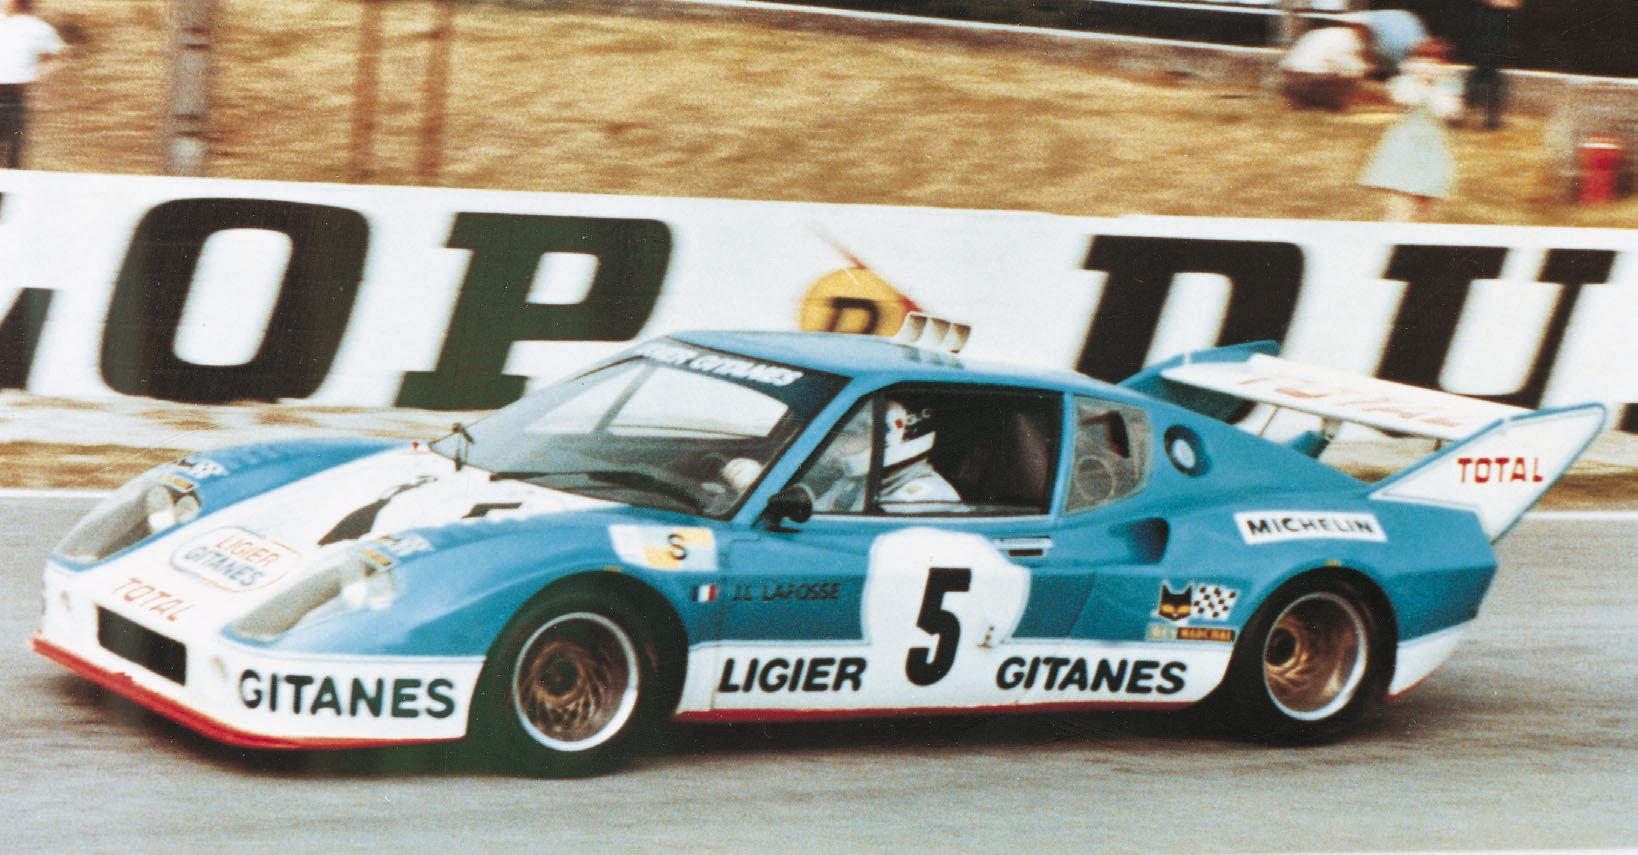 Ligier JS 2 - 24 Heures du Mans 1975 - Jean Louis Lafosse (F) - Guy Chasseuil (F)